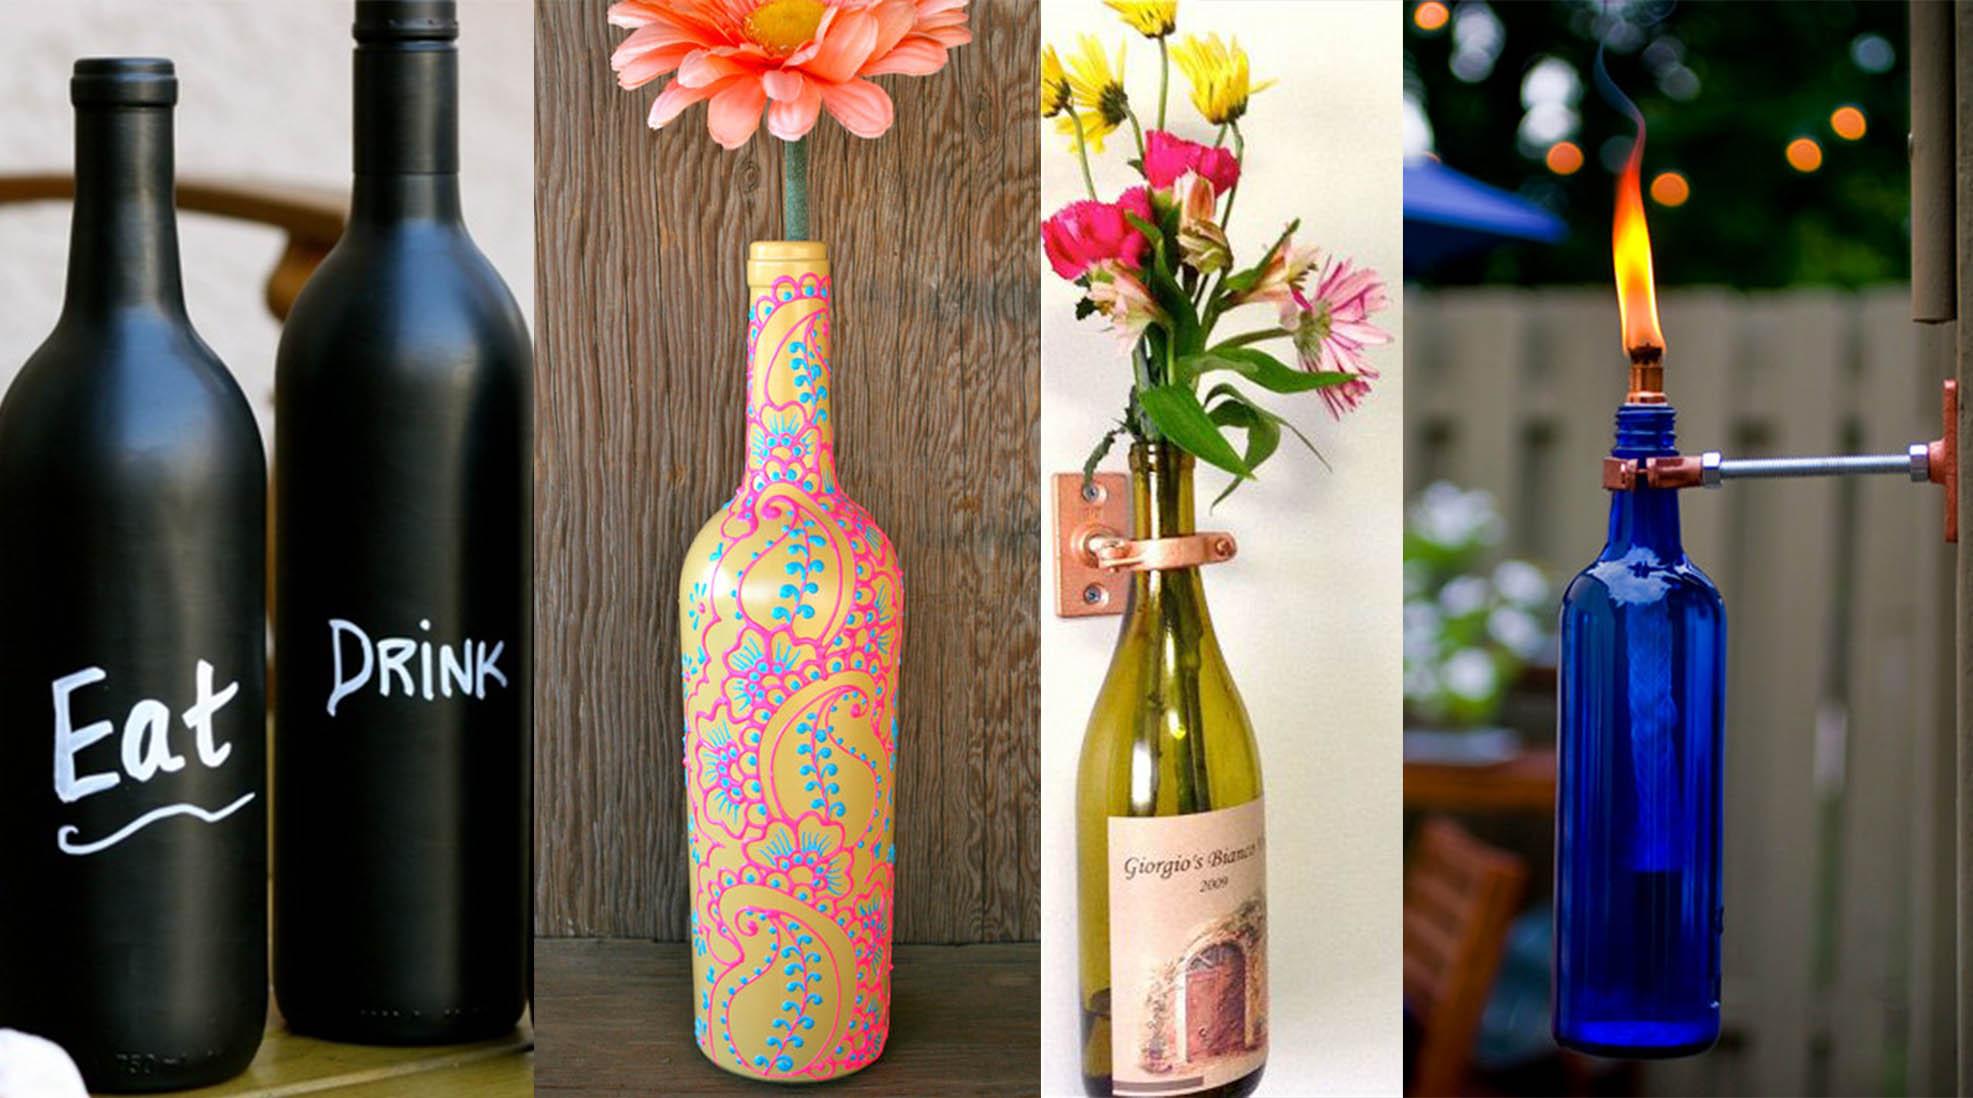 Diy des id es d co pour recycler vos bouteilles de vin for Des idees deco pour tout recycler